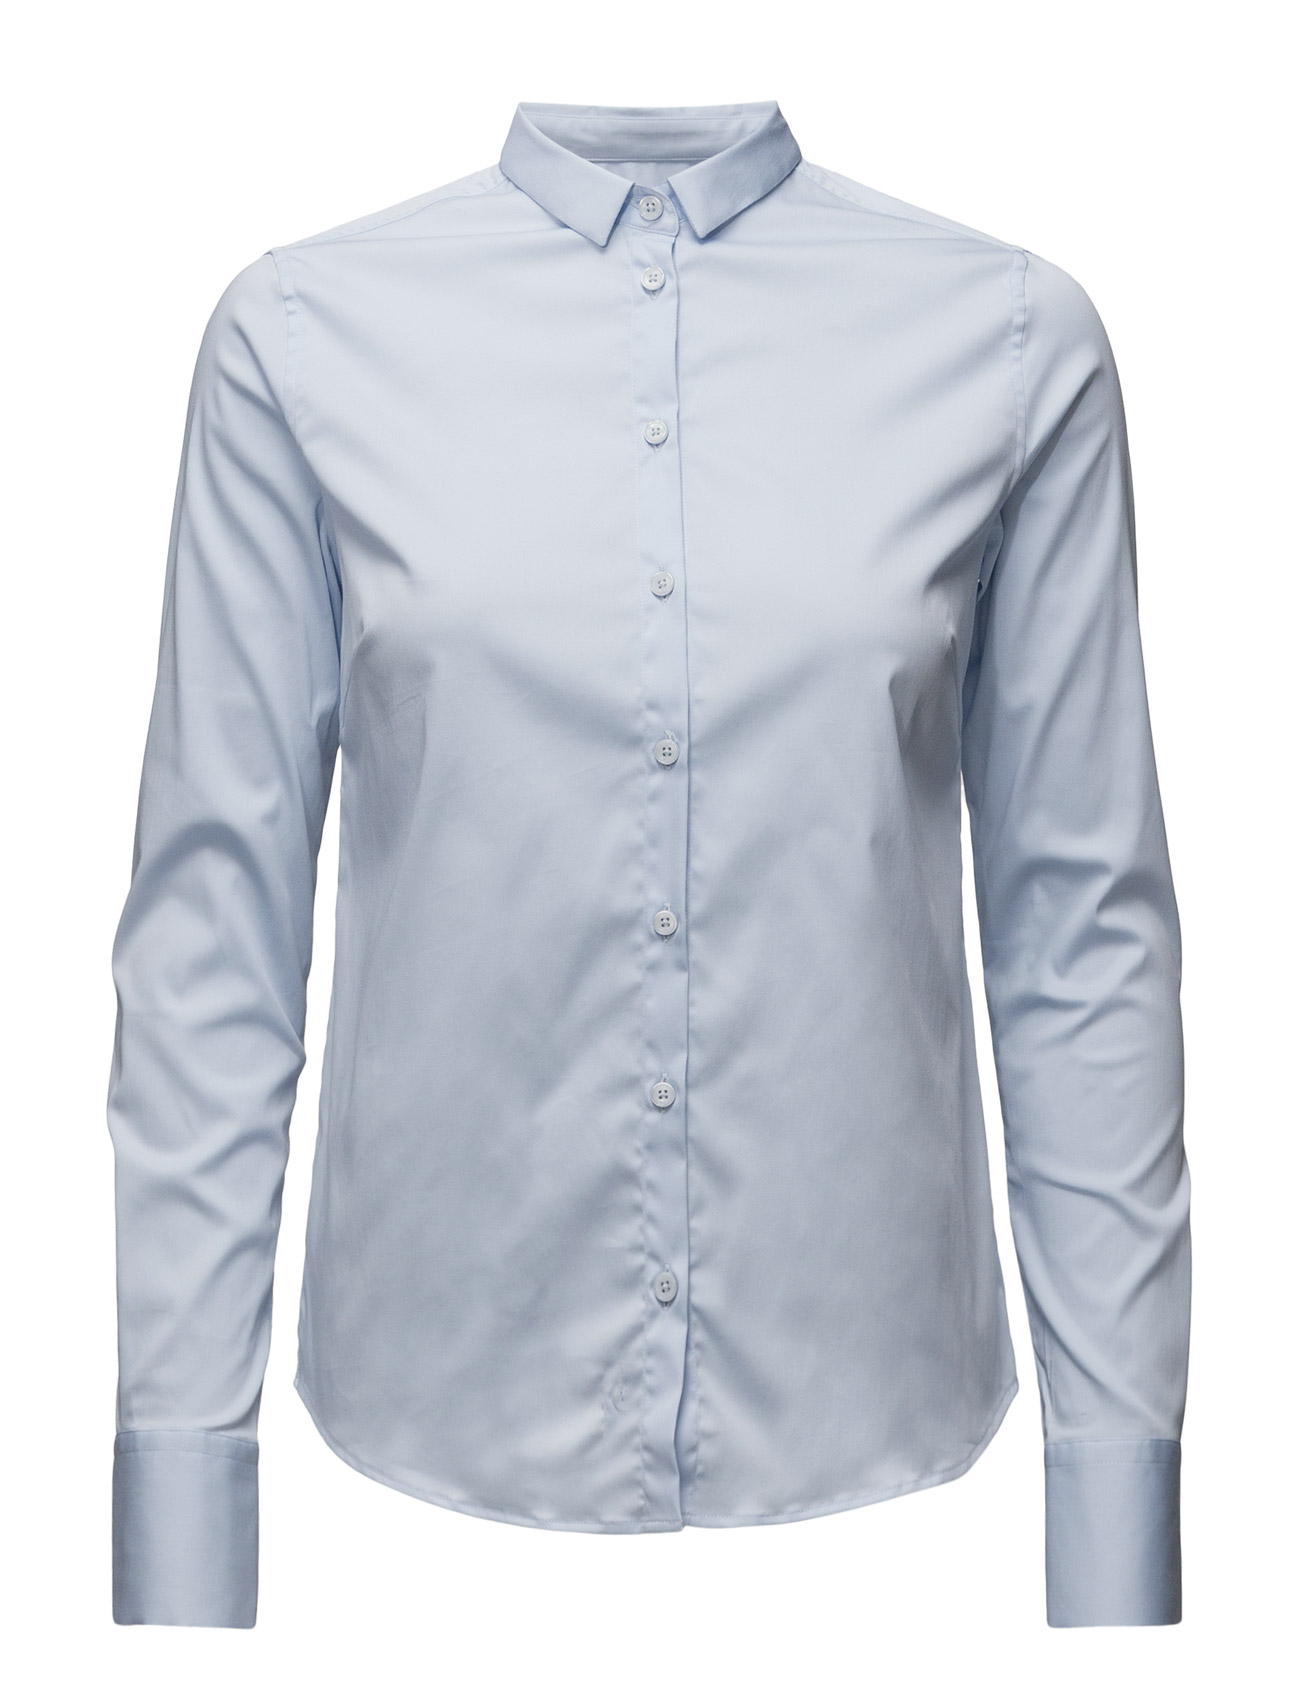 Image of Tilda Shirt (2387050581)